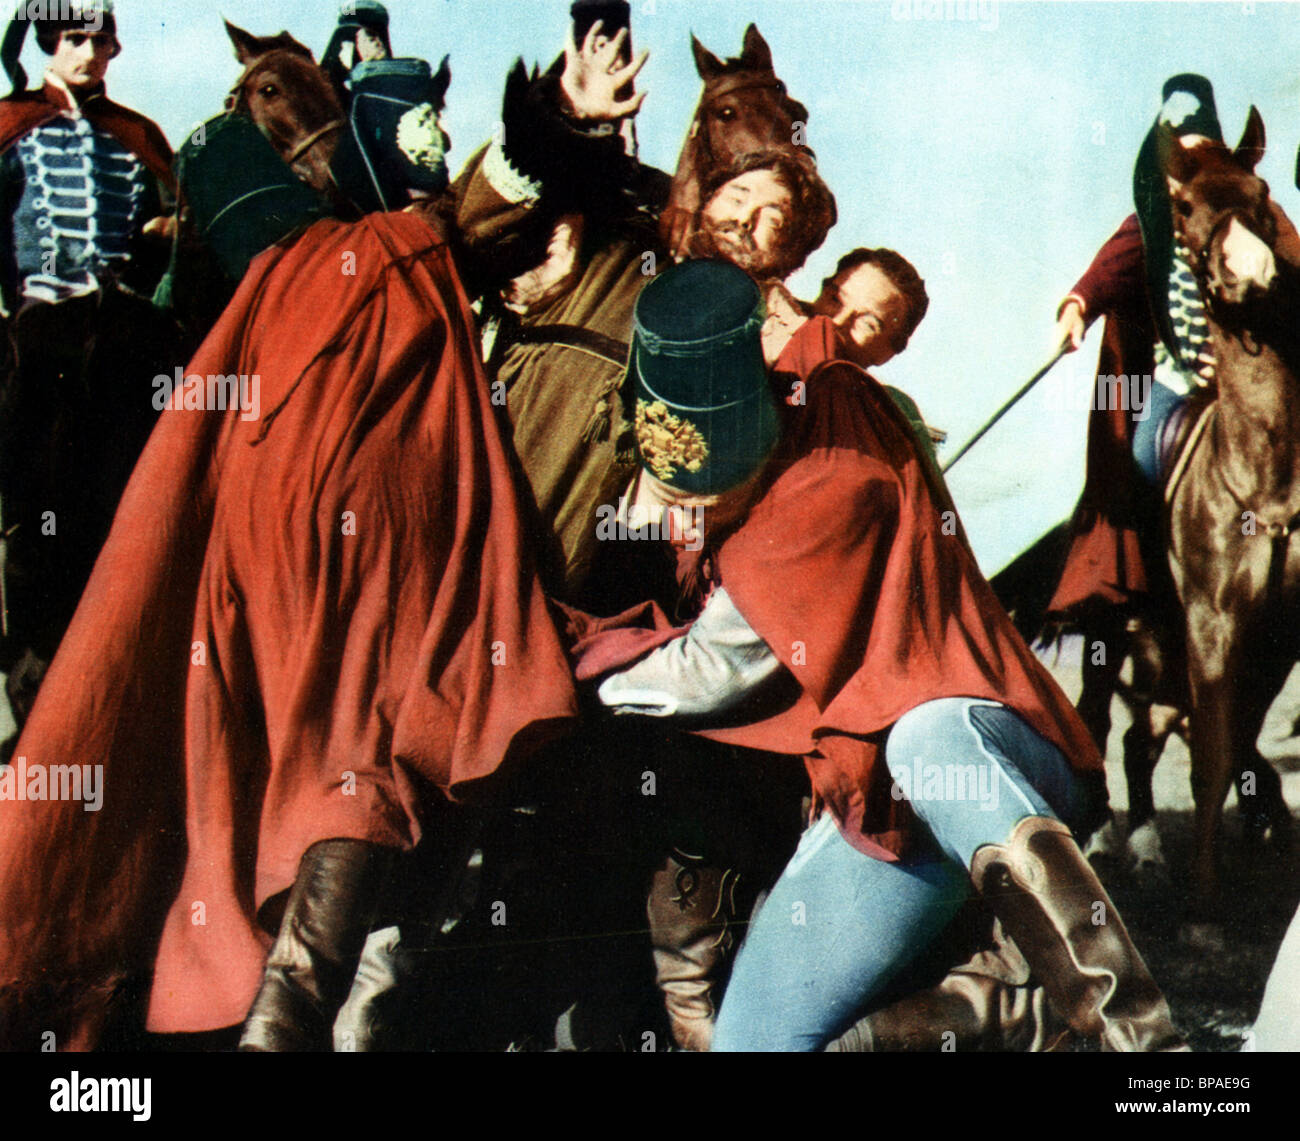 BATTLE SCENE TEMPEST (1958) - Stock Image